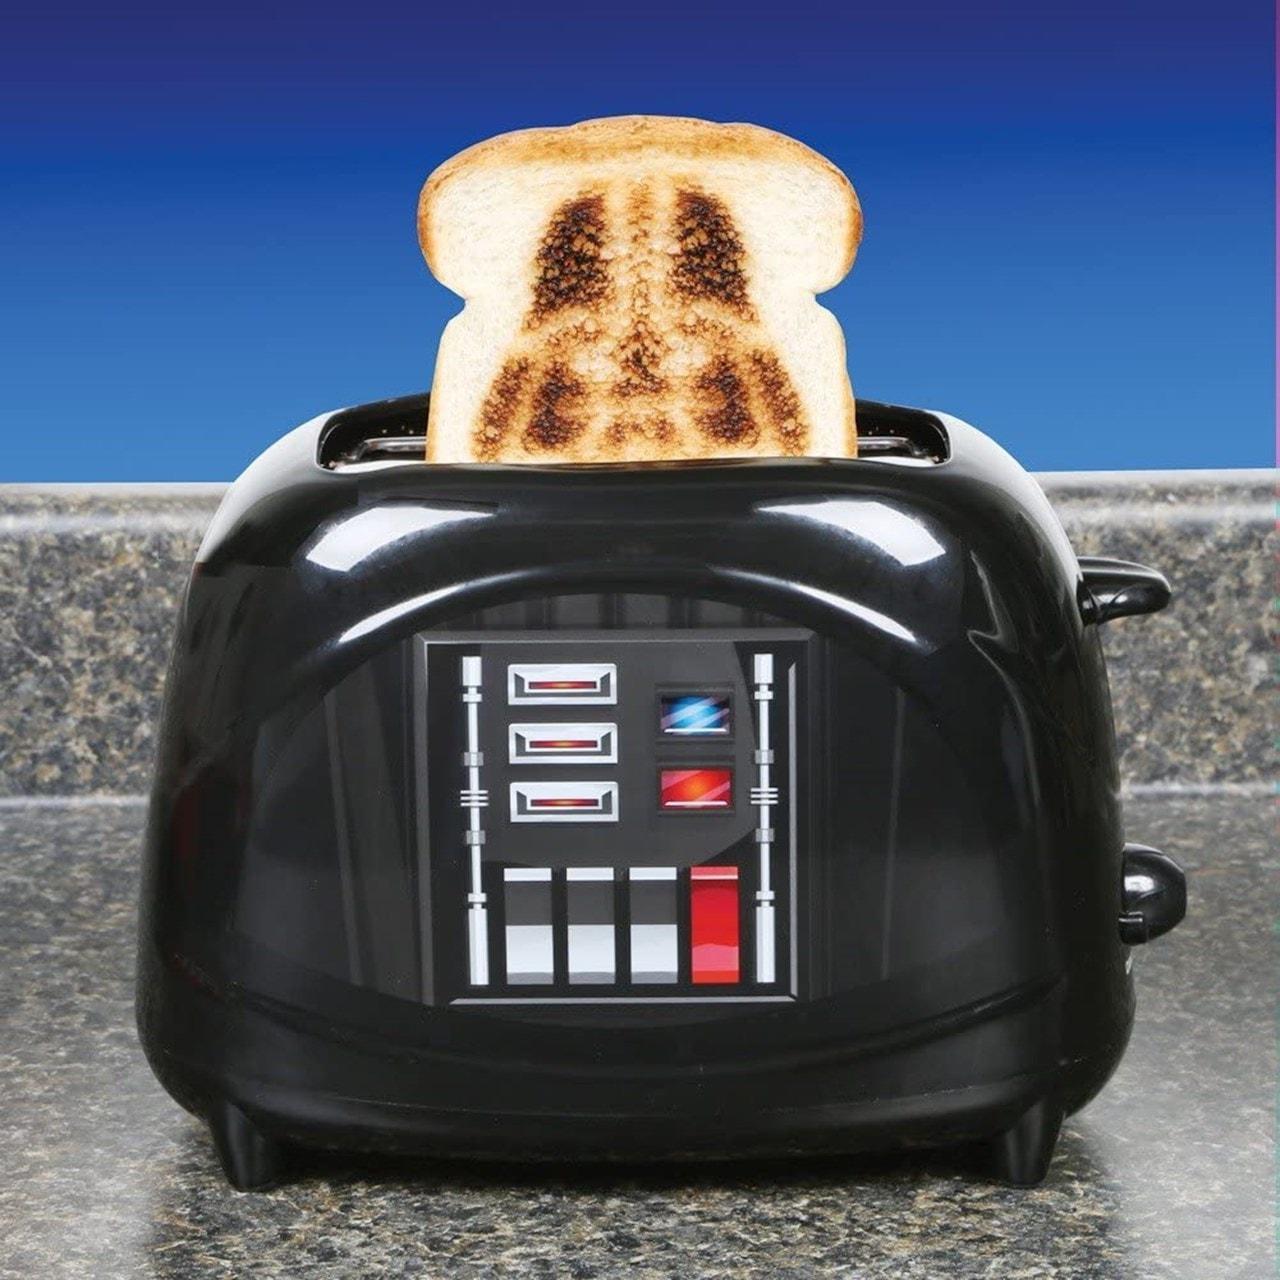 Darth Vader: Star Wars Toaster - 2